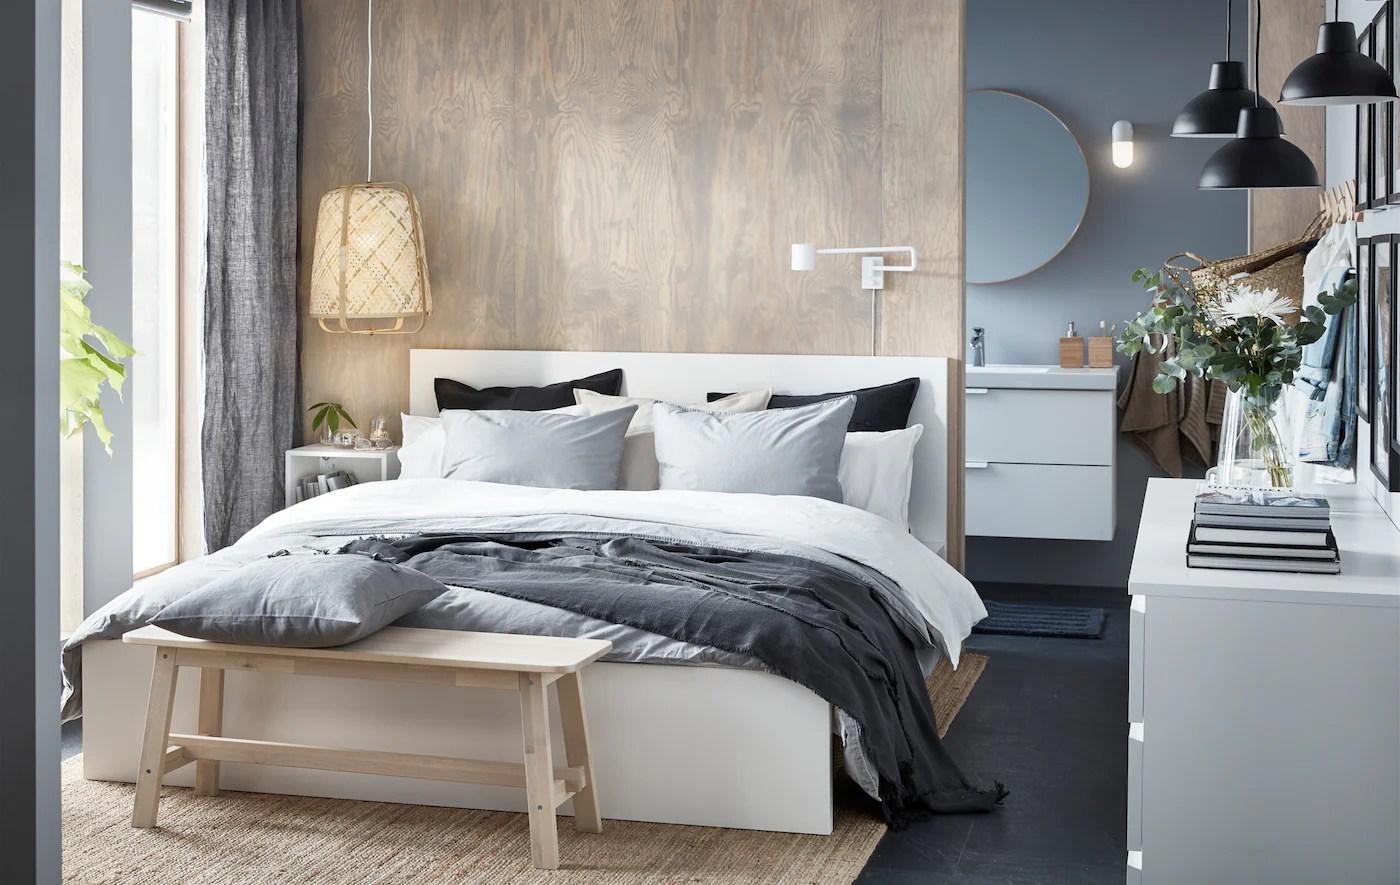 Trova {camera da letto ikea} in vendita tra una vasta selezione di su ebay. Elegante Minimalismo In Una Piccola Camera Da Letto Ikea It